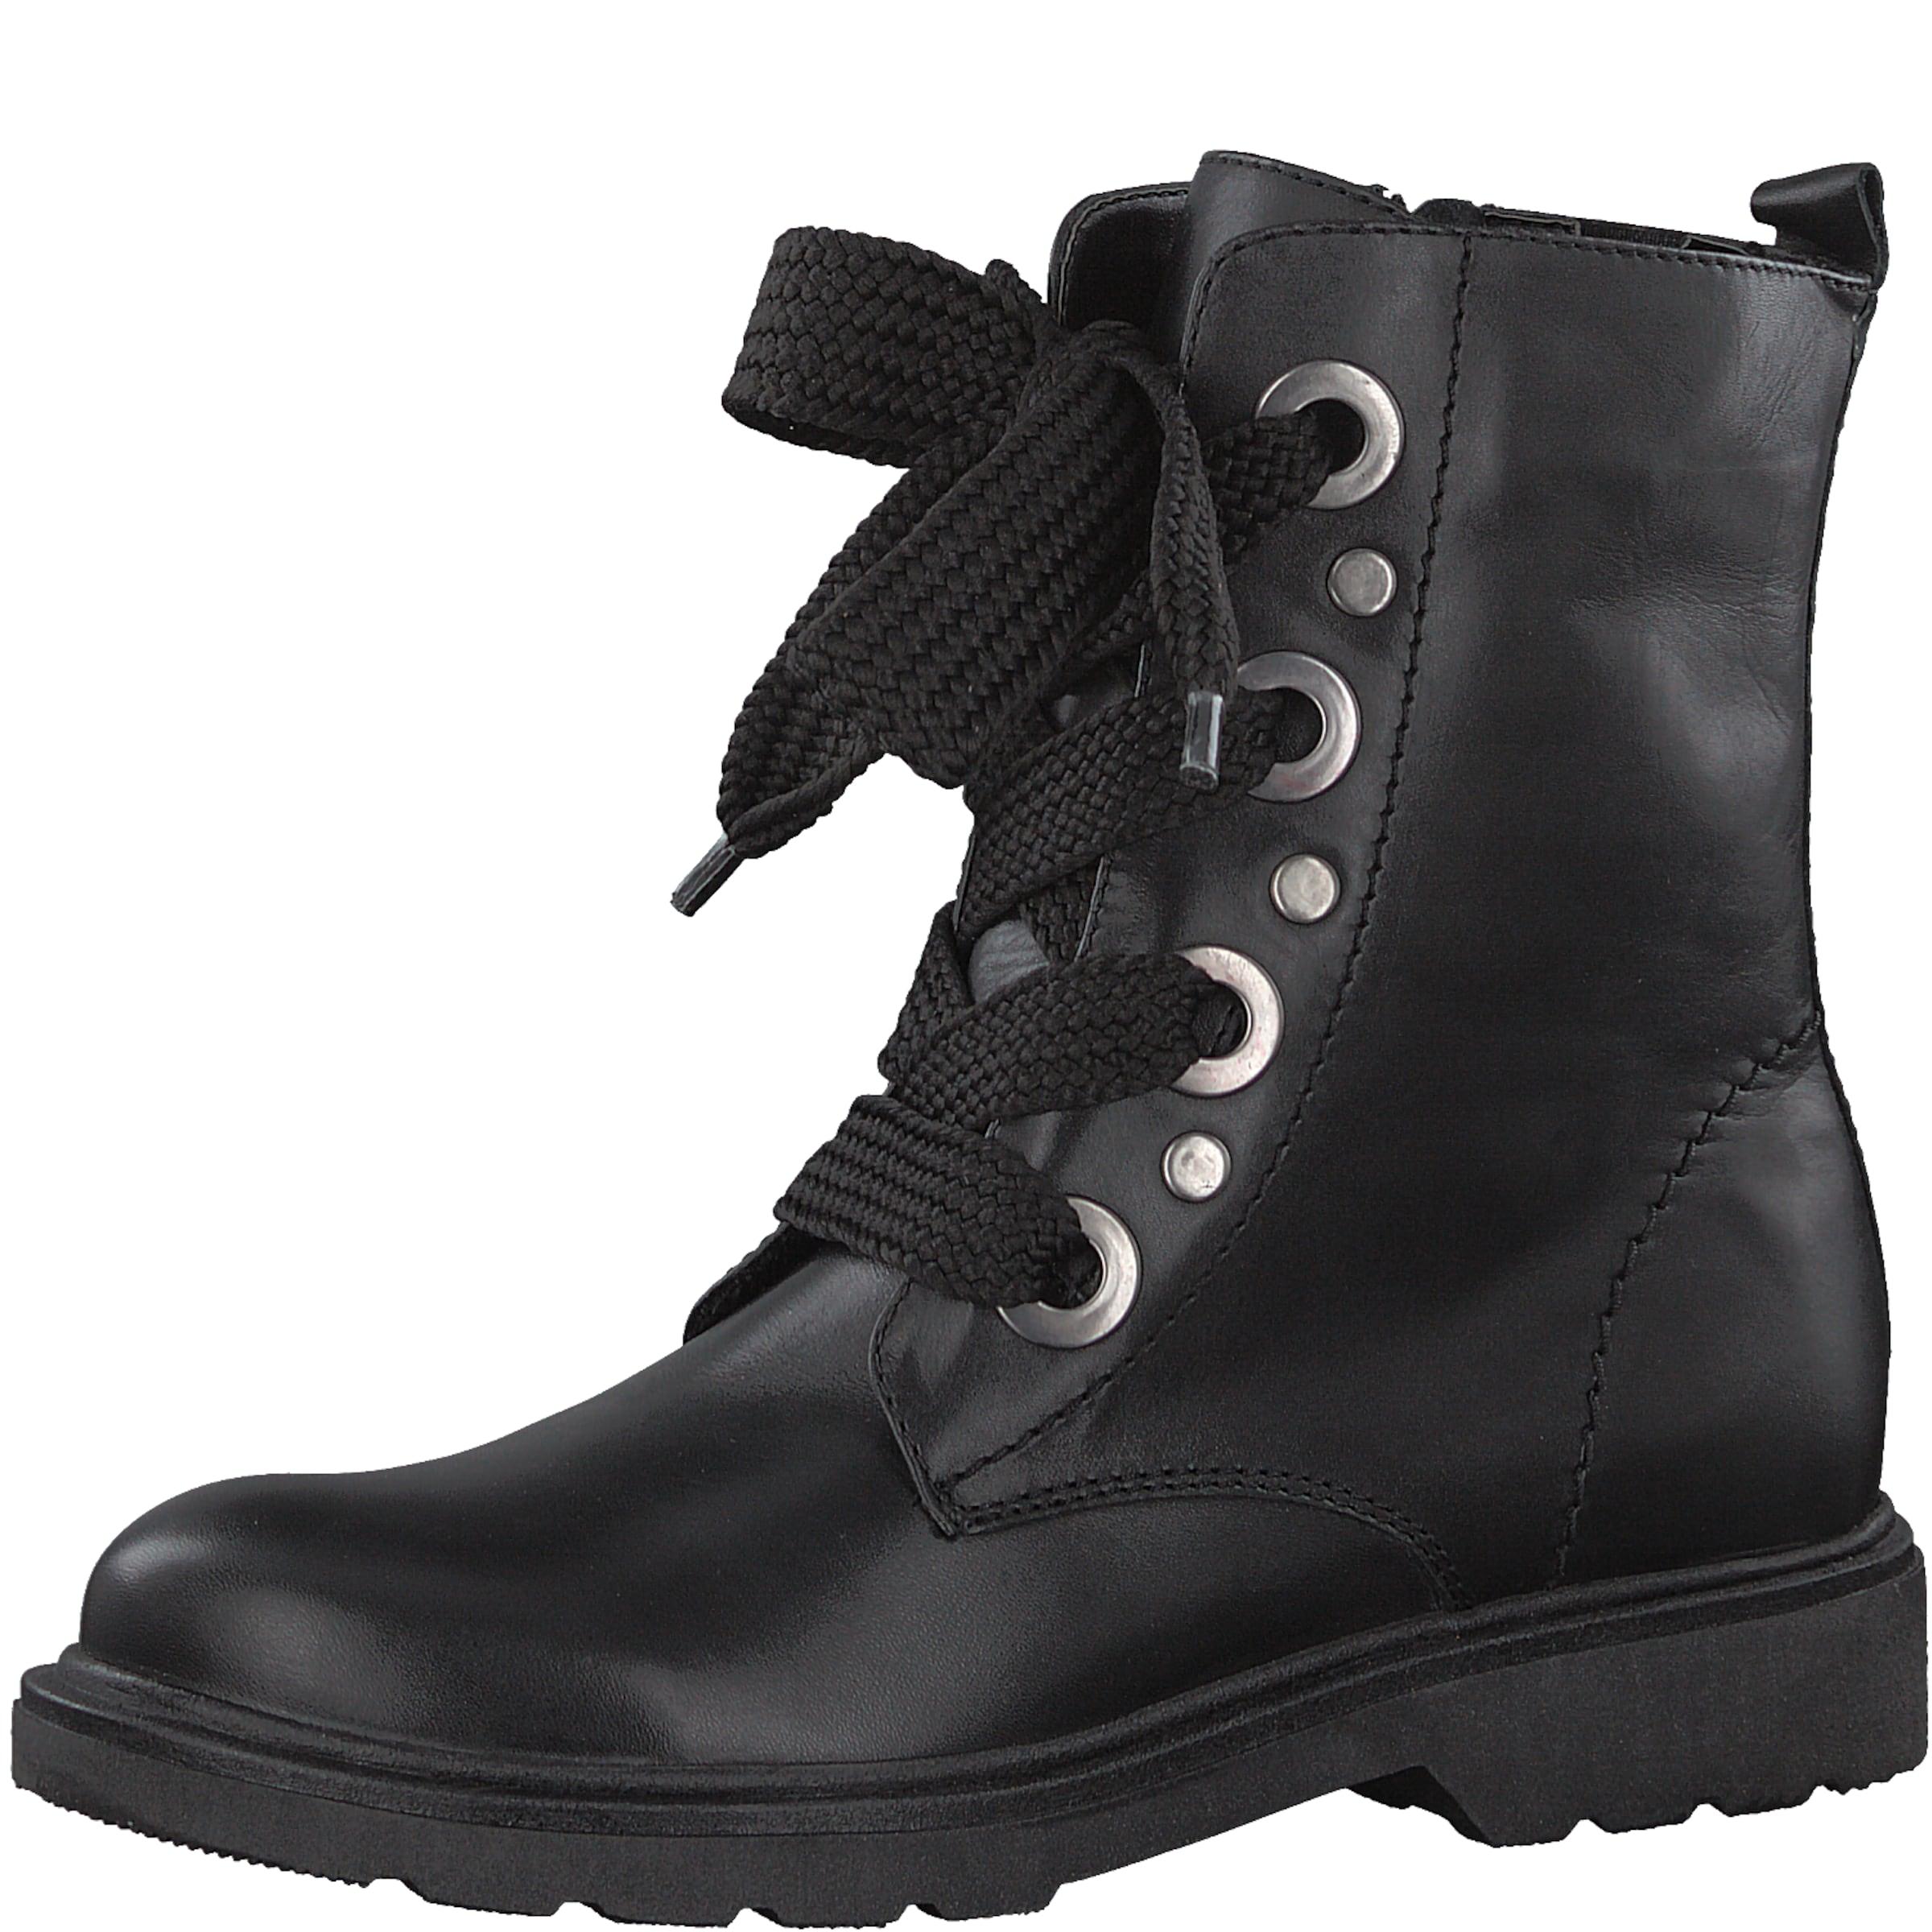 MARCO TOZZI Schnürstiefel Günstige und langlebige Schuhe